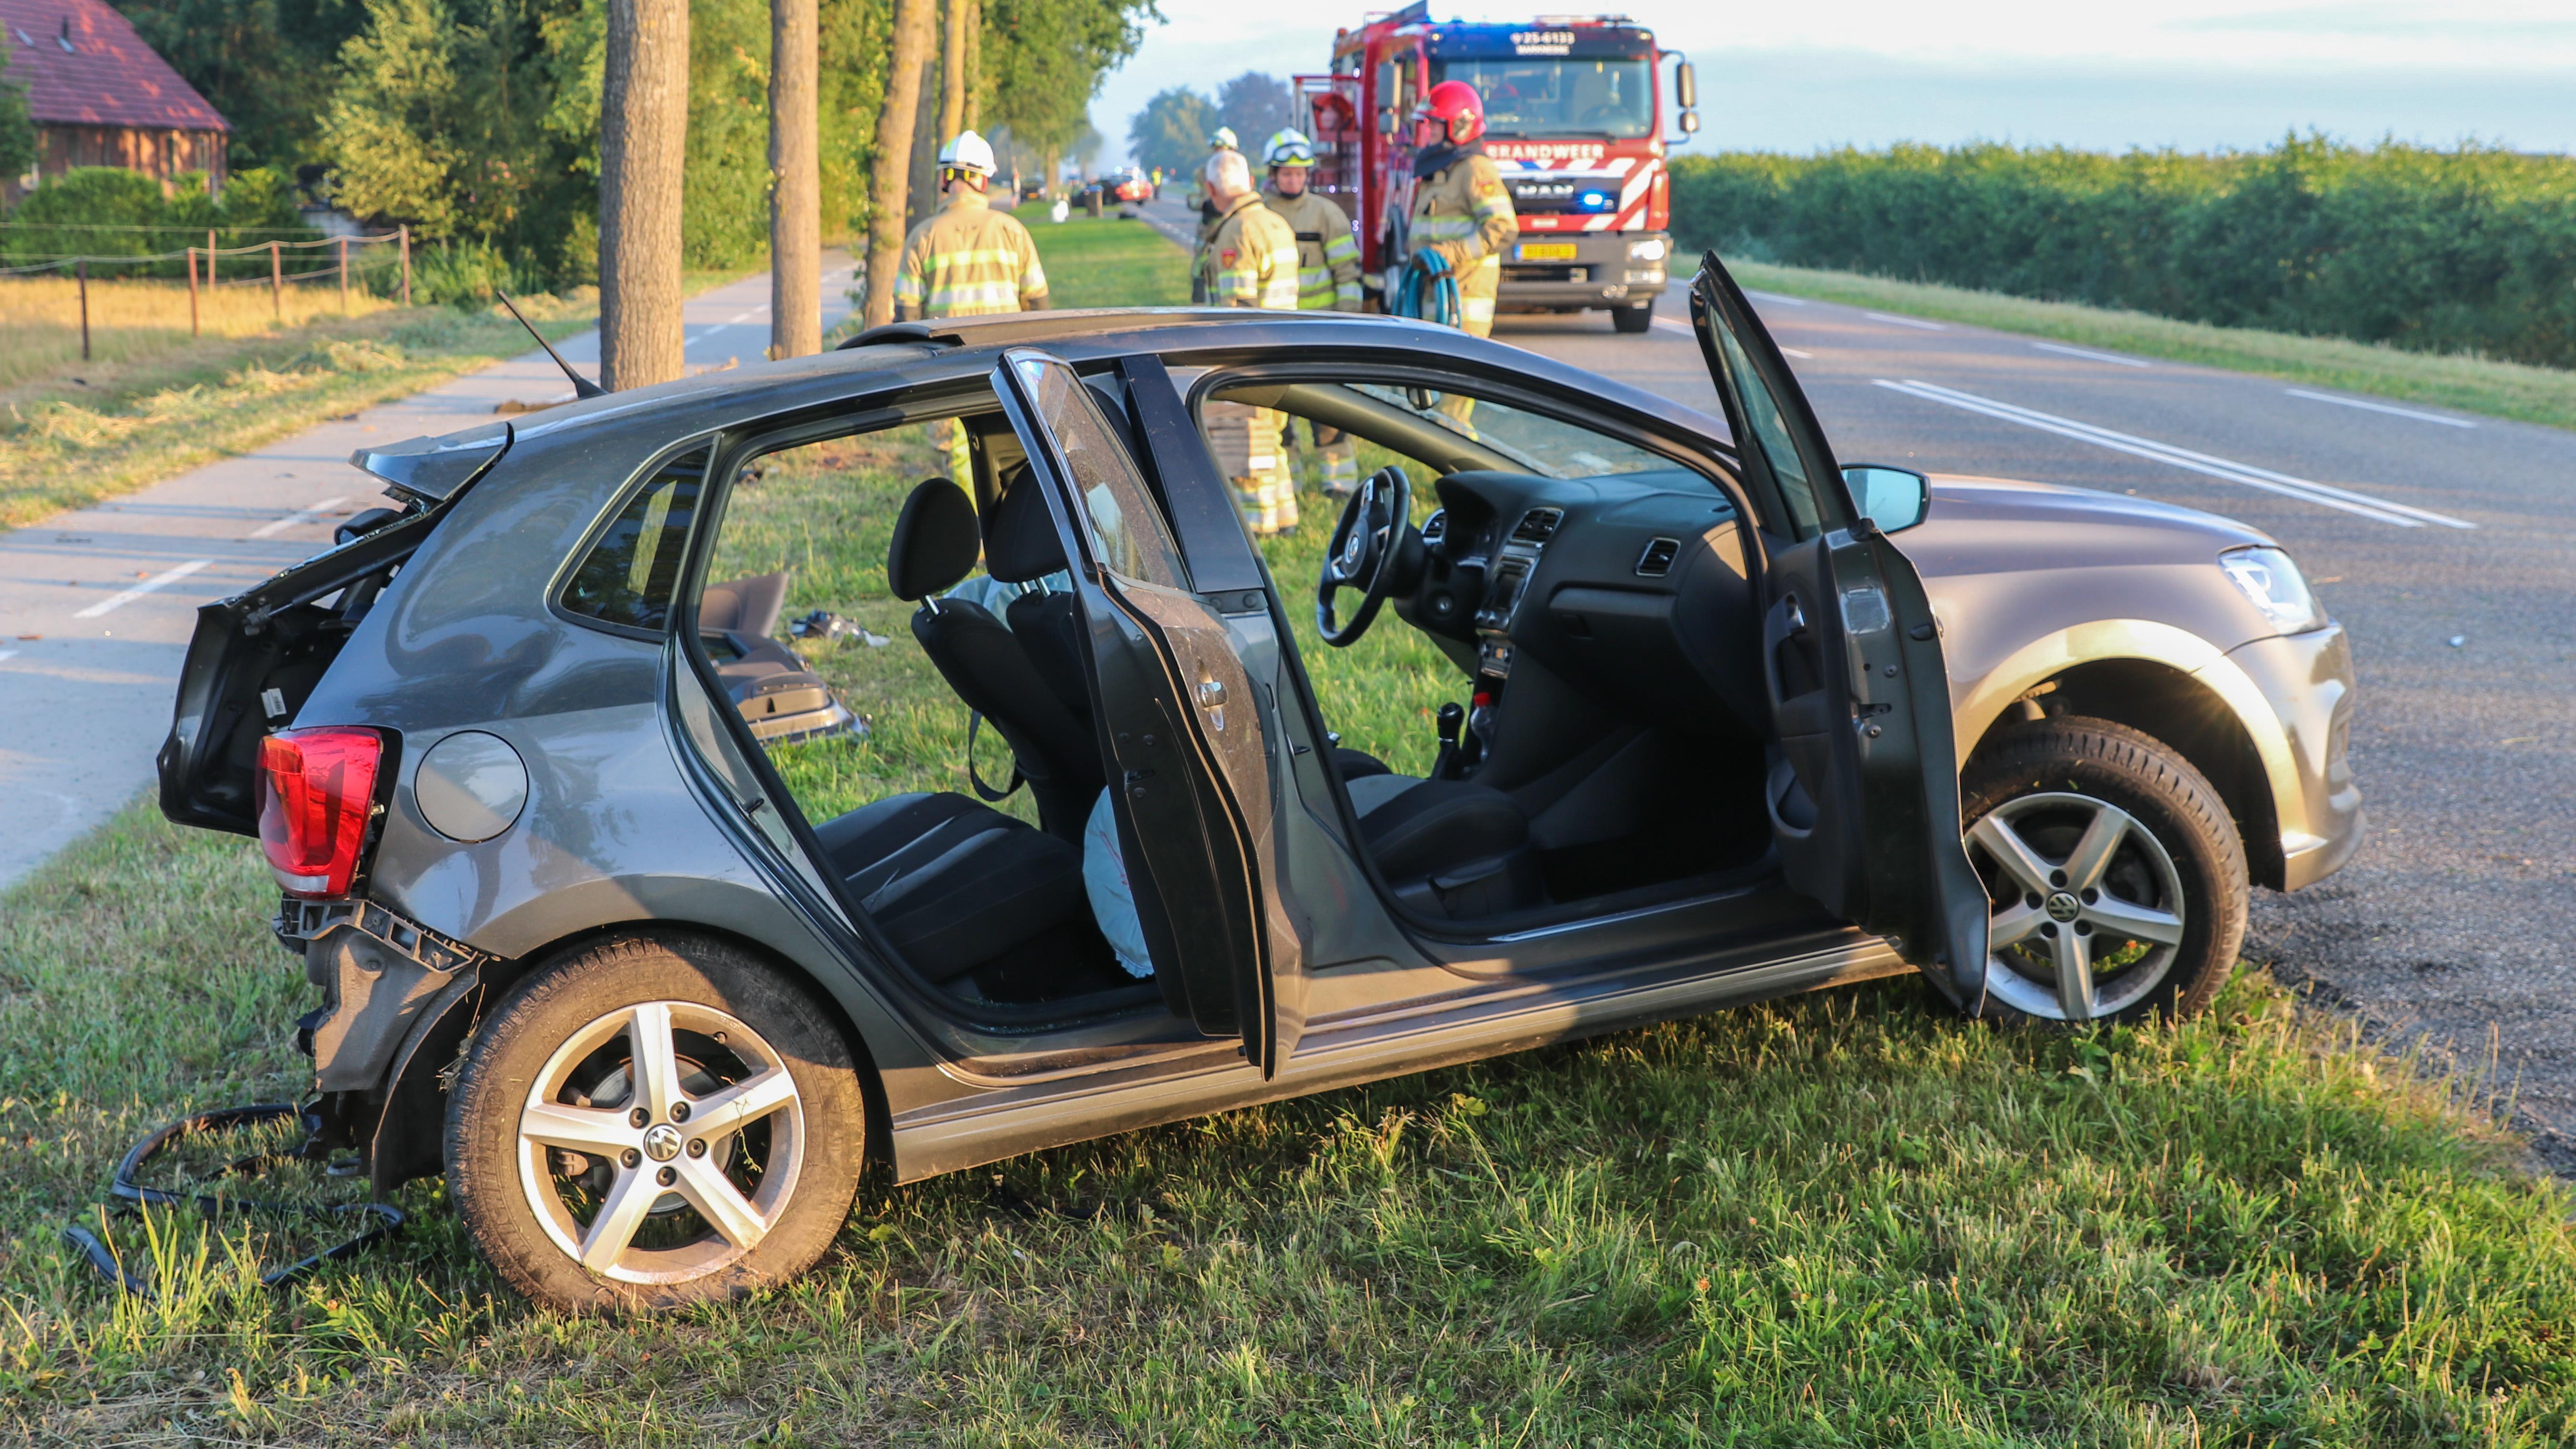 Gewonde bij zwaar ongeval op N331 bij Vollenhove, weg is gedeeltelijk afgesloten.